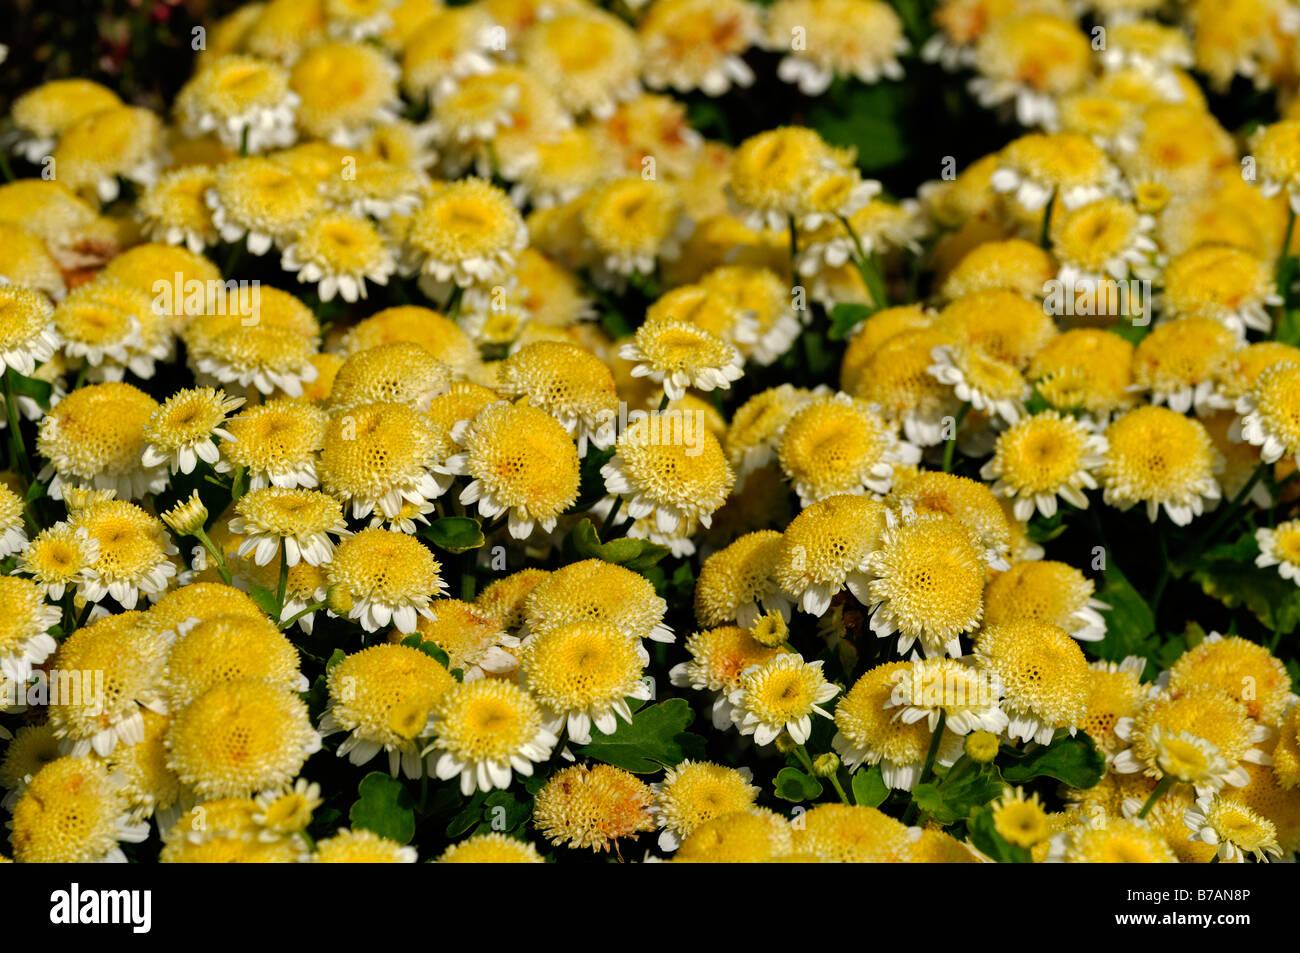 Yellow daisy type flower stock photos yellow daisy type flower chrysanthemum morifolium ramat butterball yellow flowers daisy type annual flower bloom blossom yellow stock image izmirmasajfo Image collections